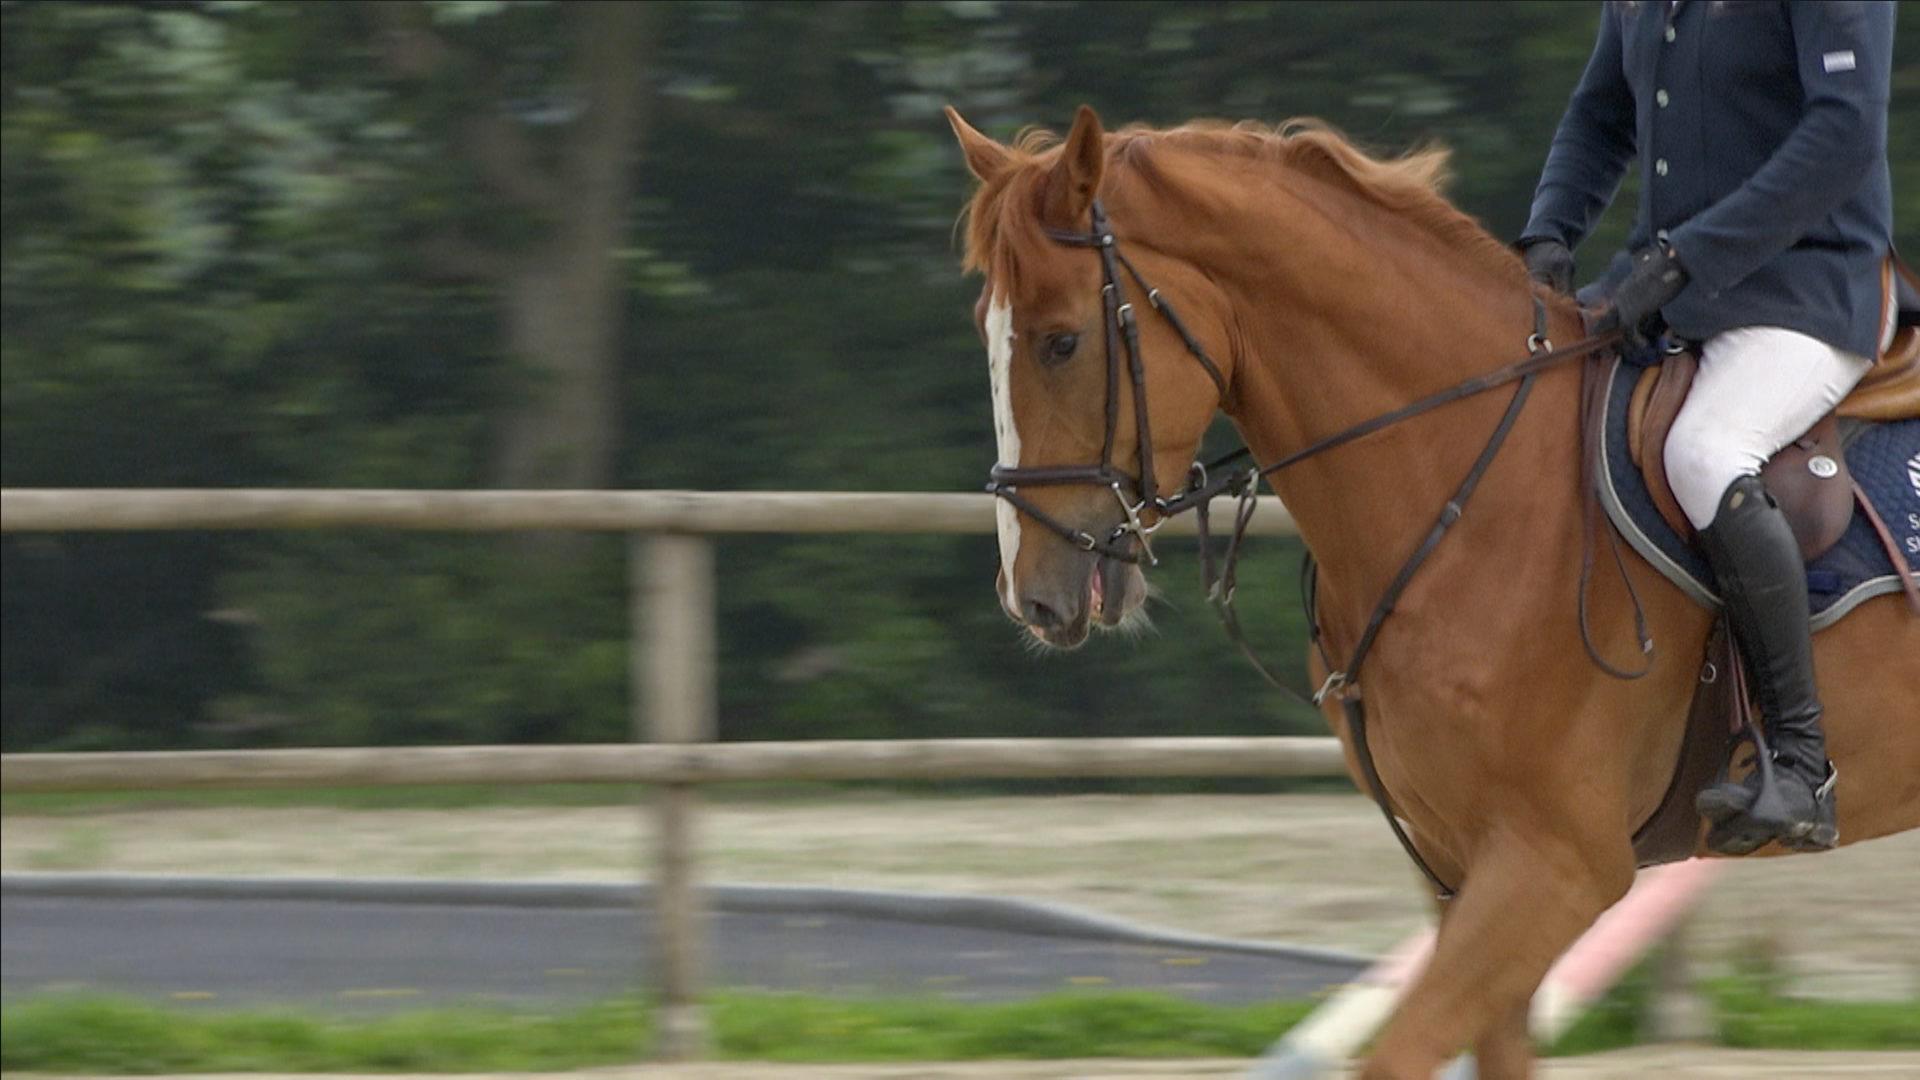 La terre des chevaux attire des cavaliers internationaux